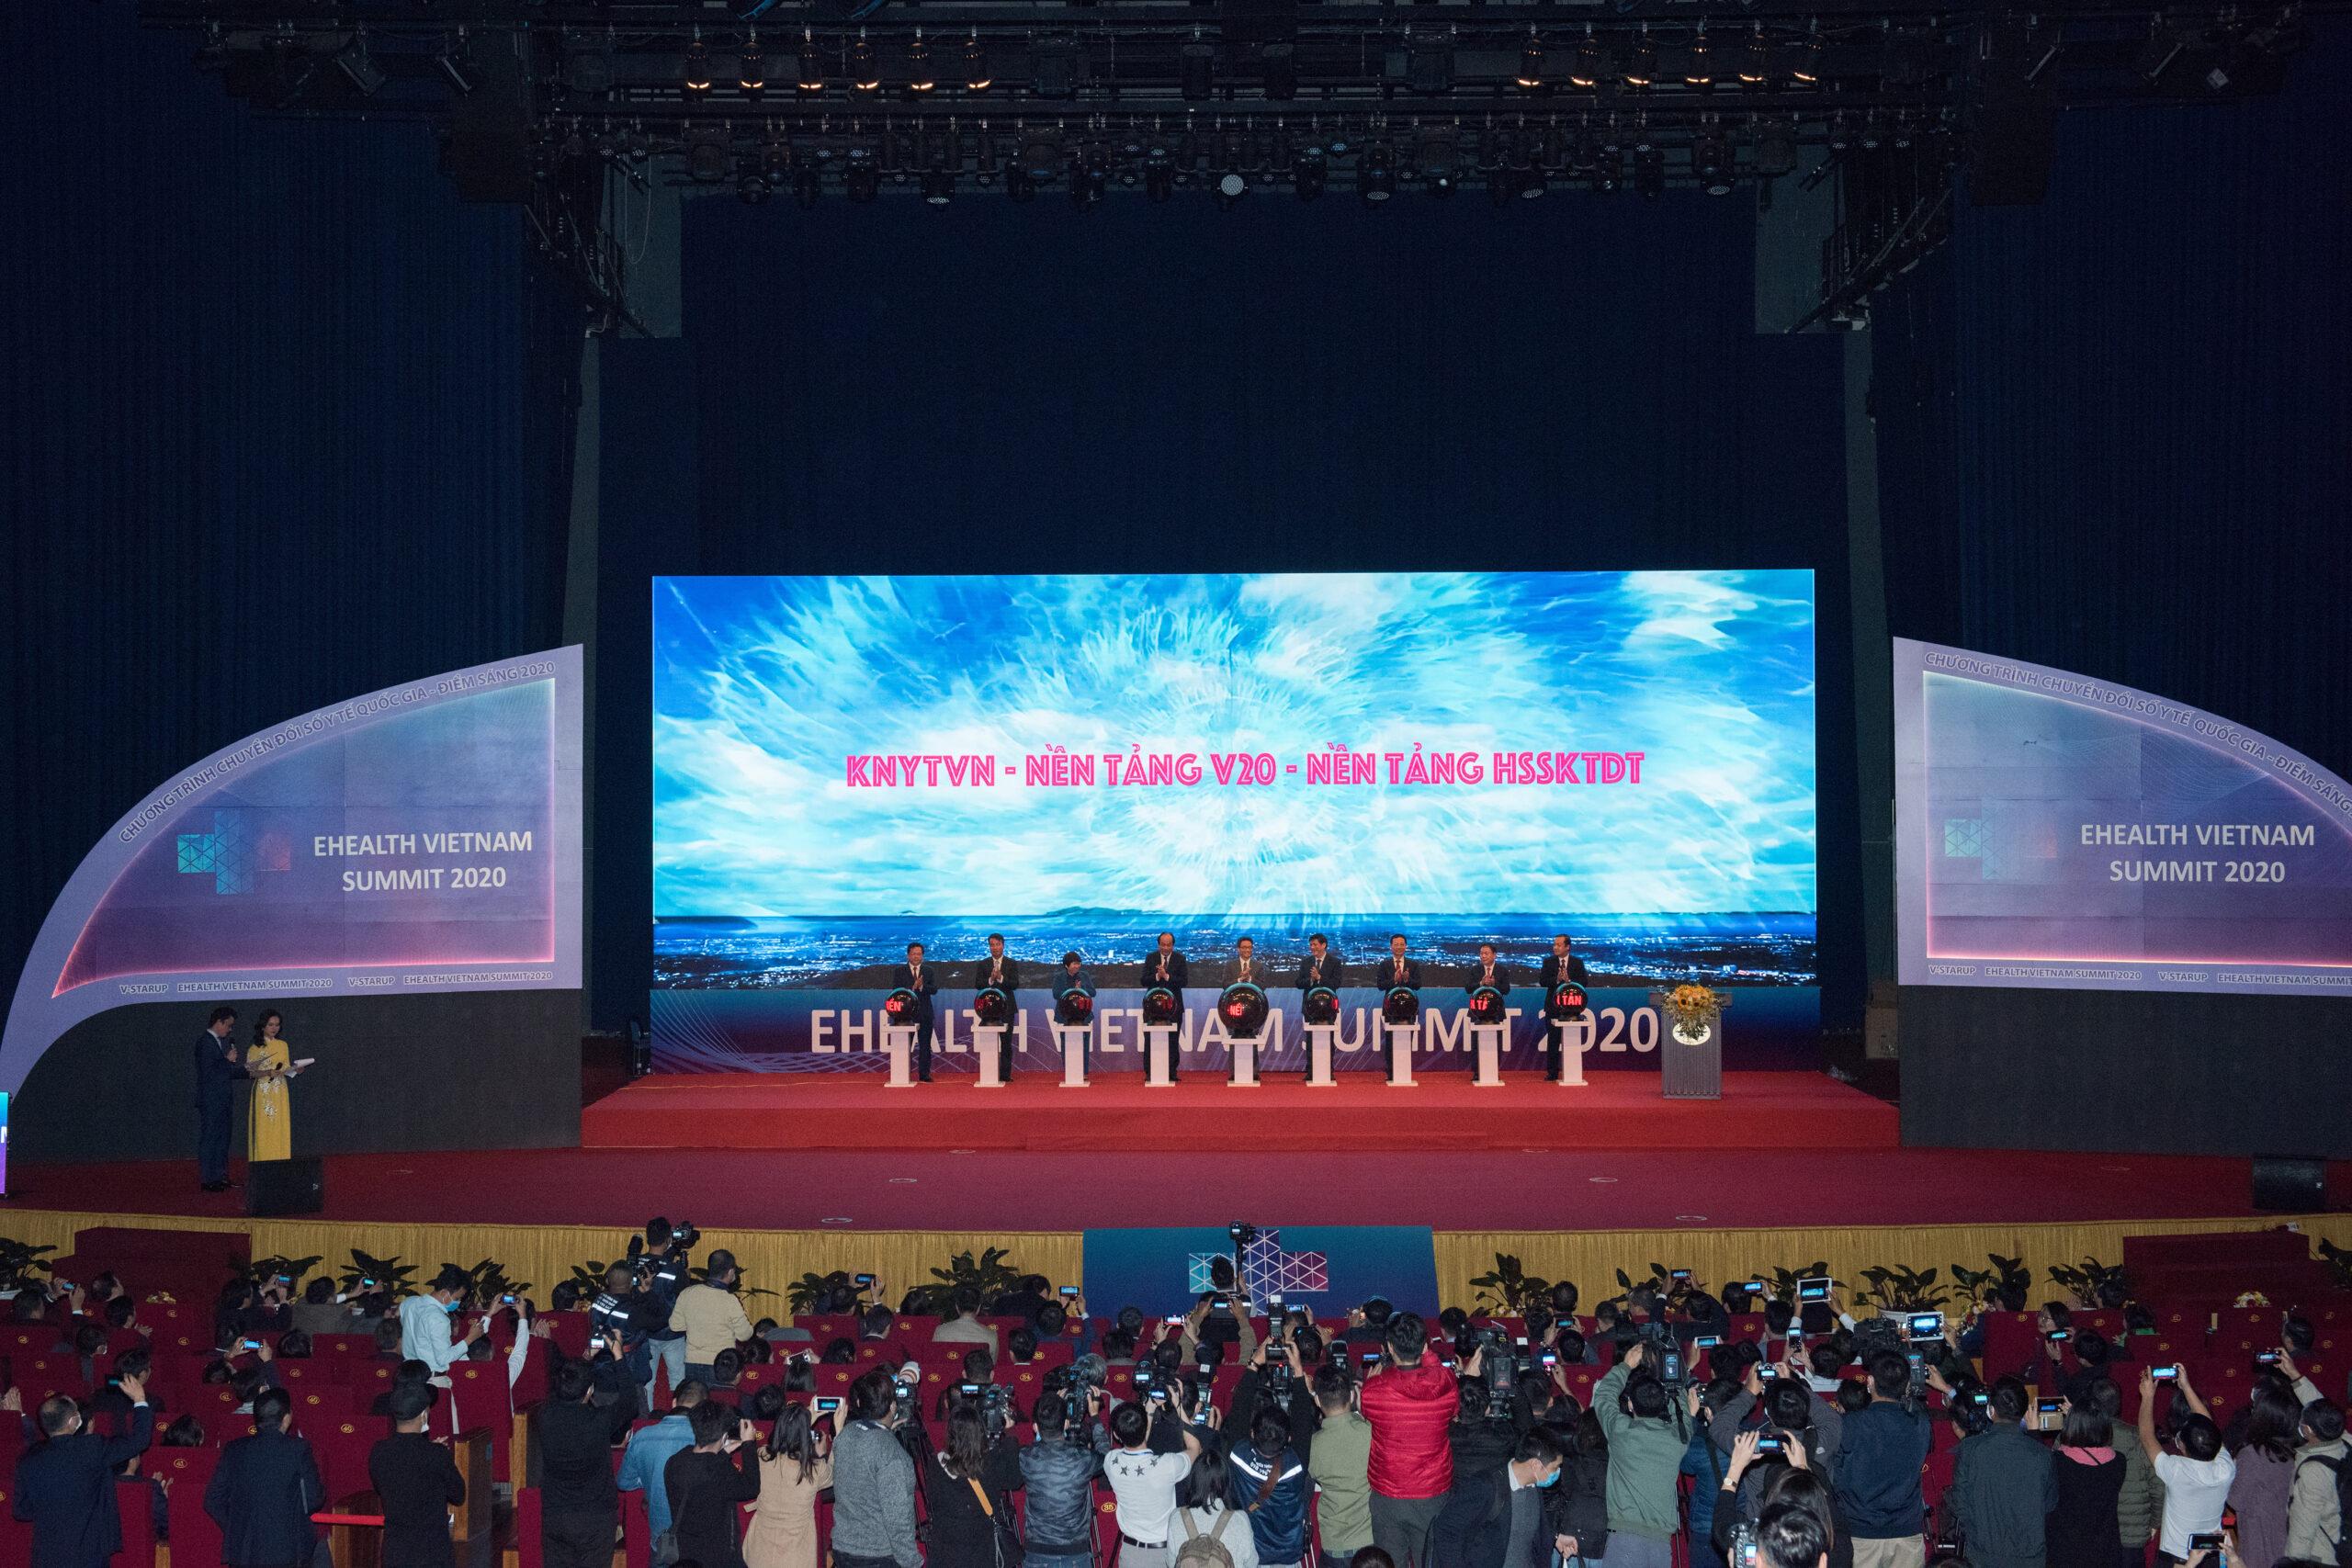 Điểm sáng Việt Nam 2020 Ehealth Vietnam Summit, các sự kiện là không gian tạo ra được nhiều thông điệp